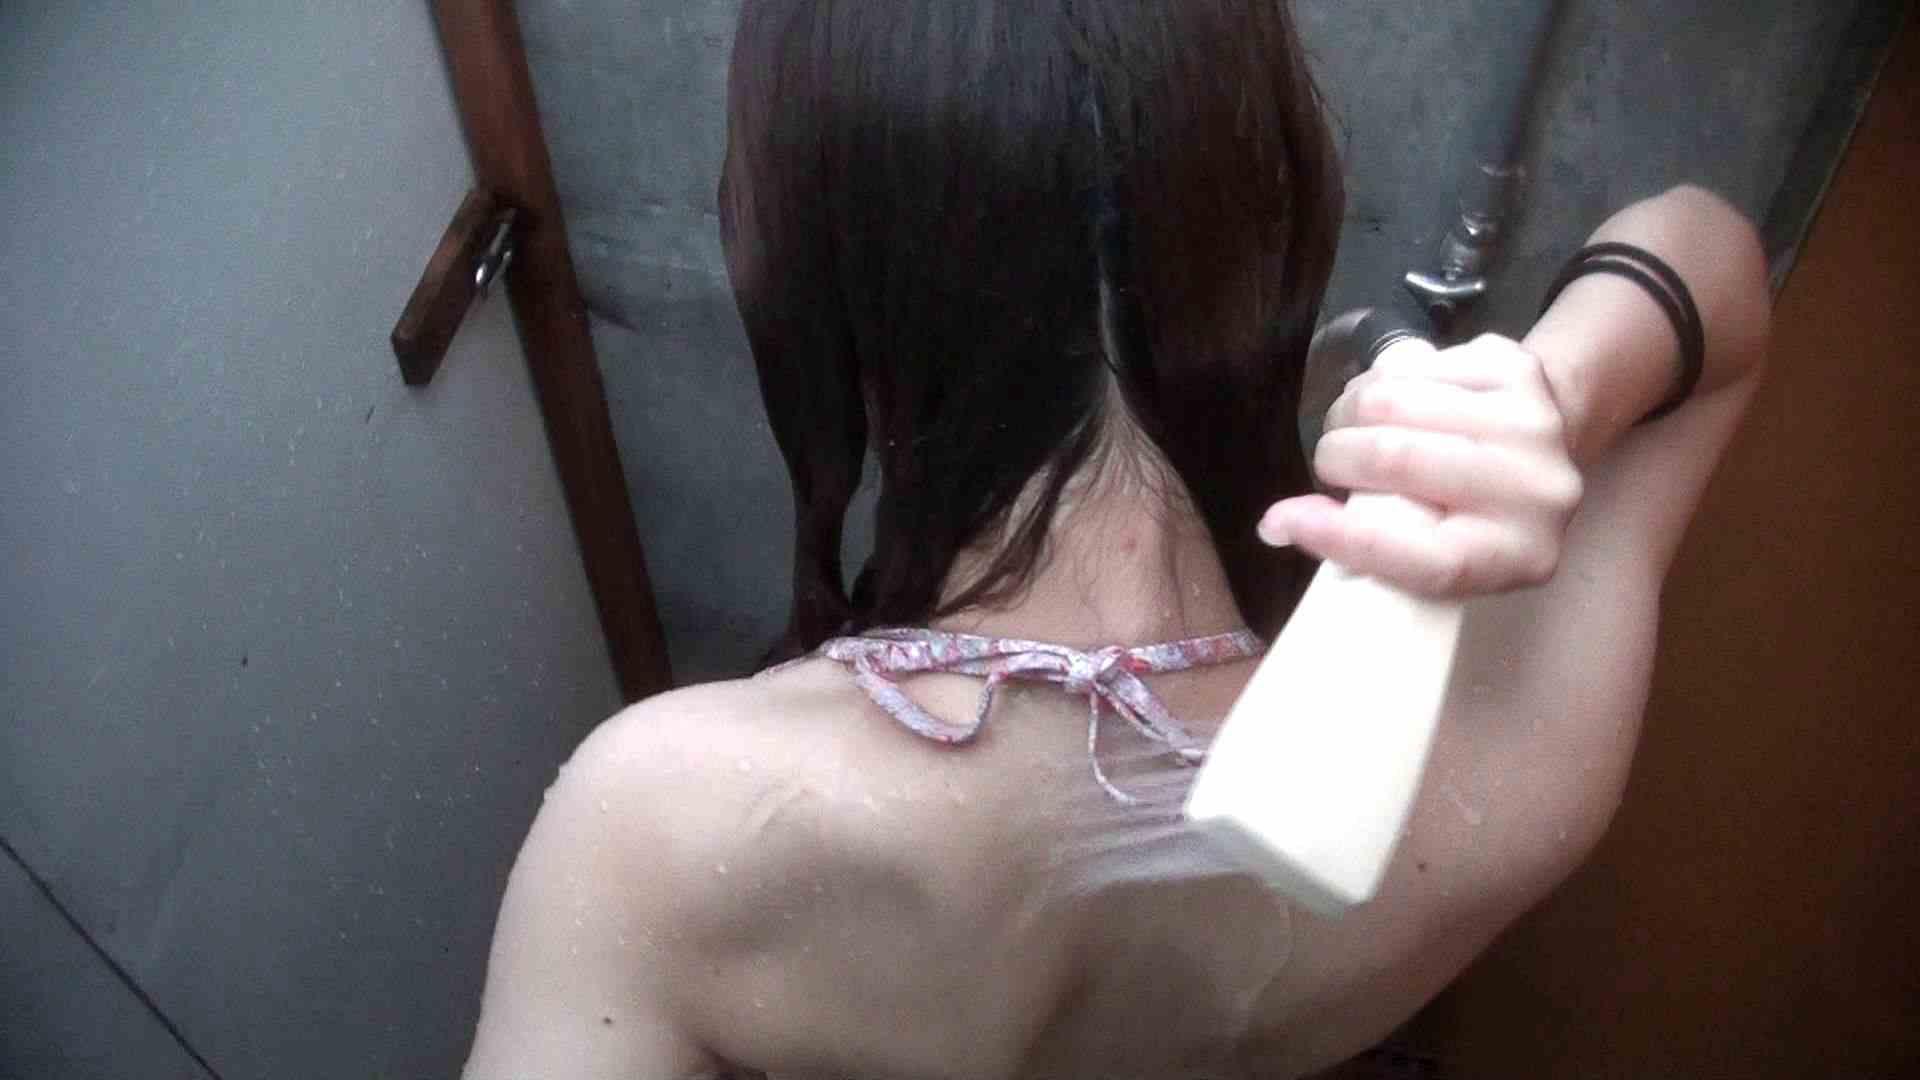 シャワールームは超!!危険な香りVol.28 大事な所は全く見せてくれません 高画質  22連発 12